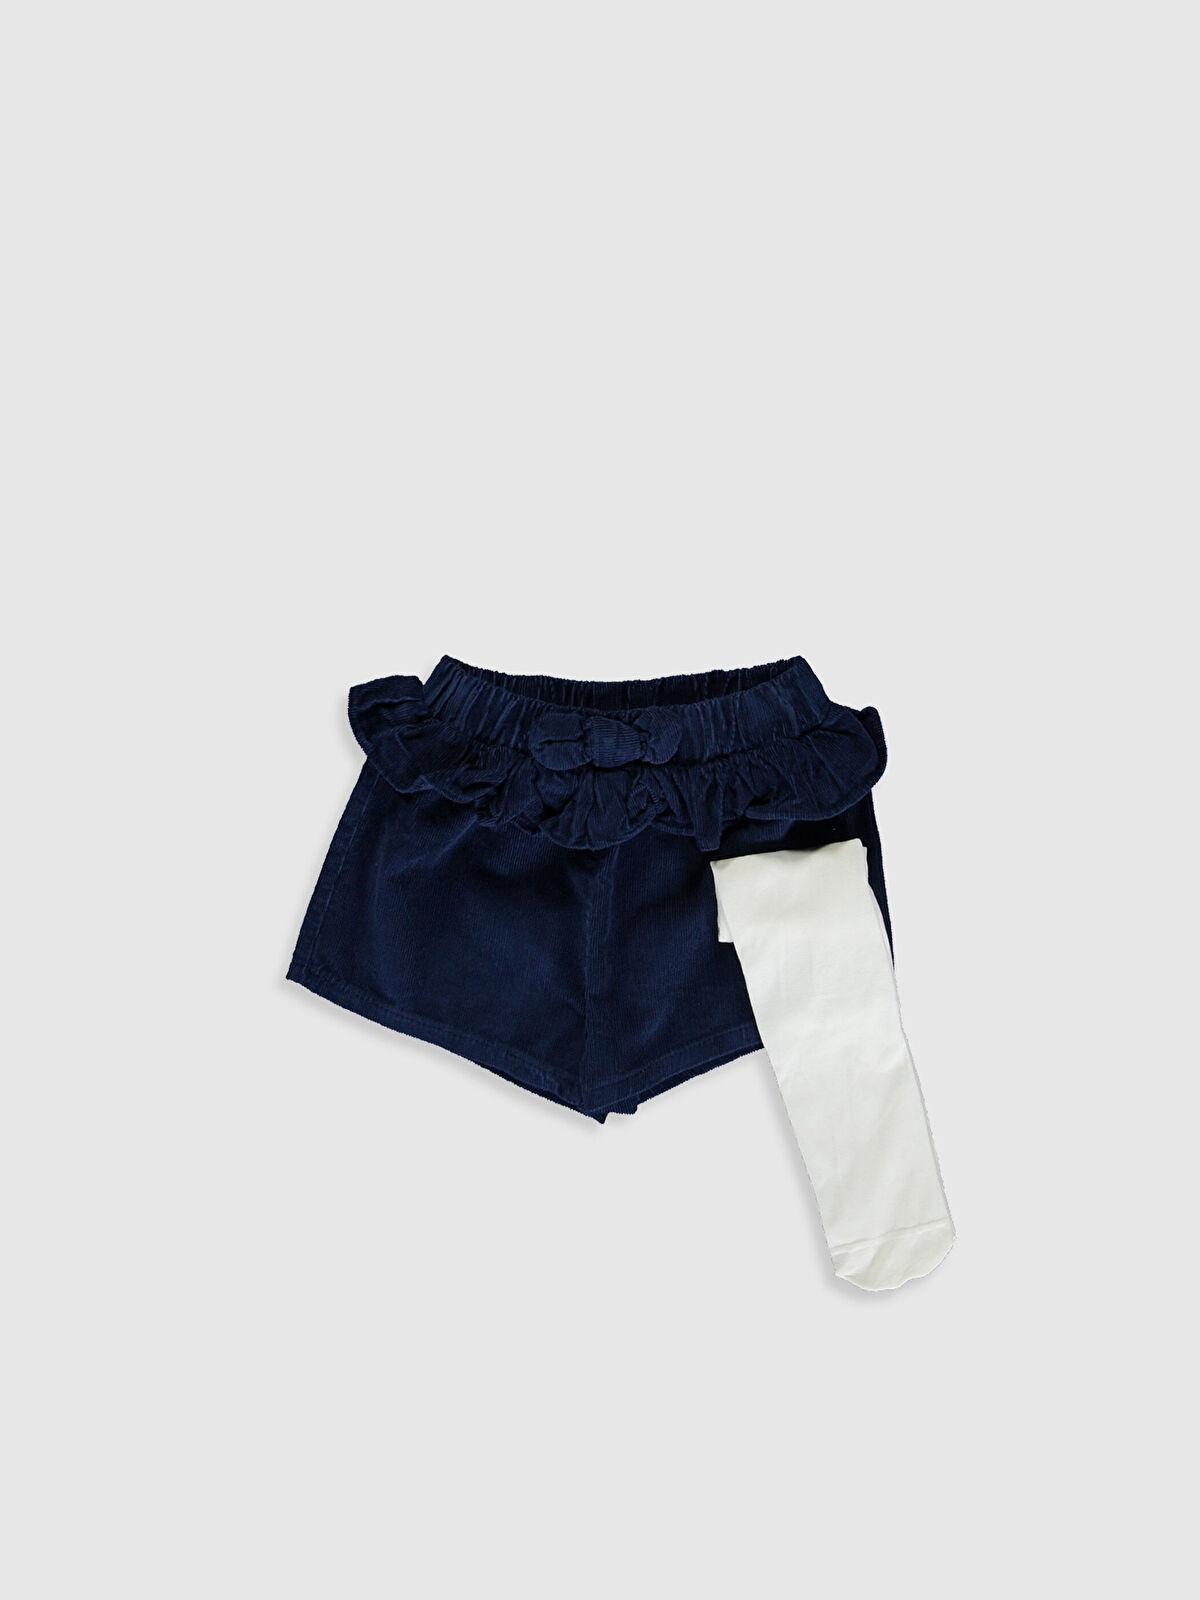 Kız Bebek Kadife Şort ve Külotlu Çorap - LC WAIKIKI